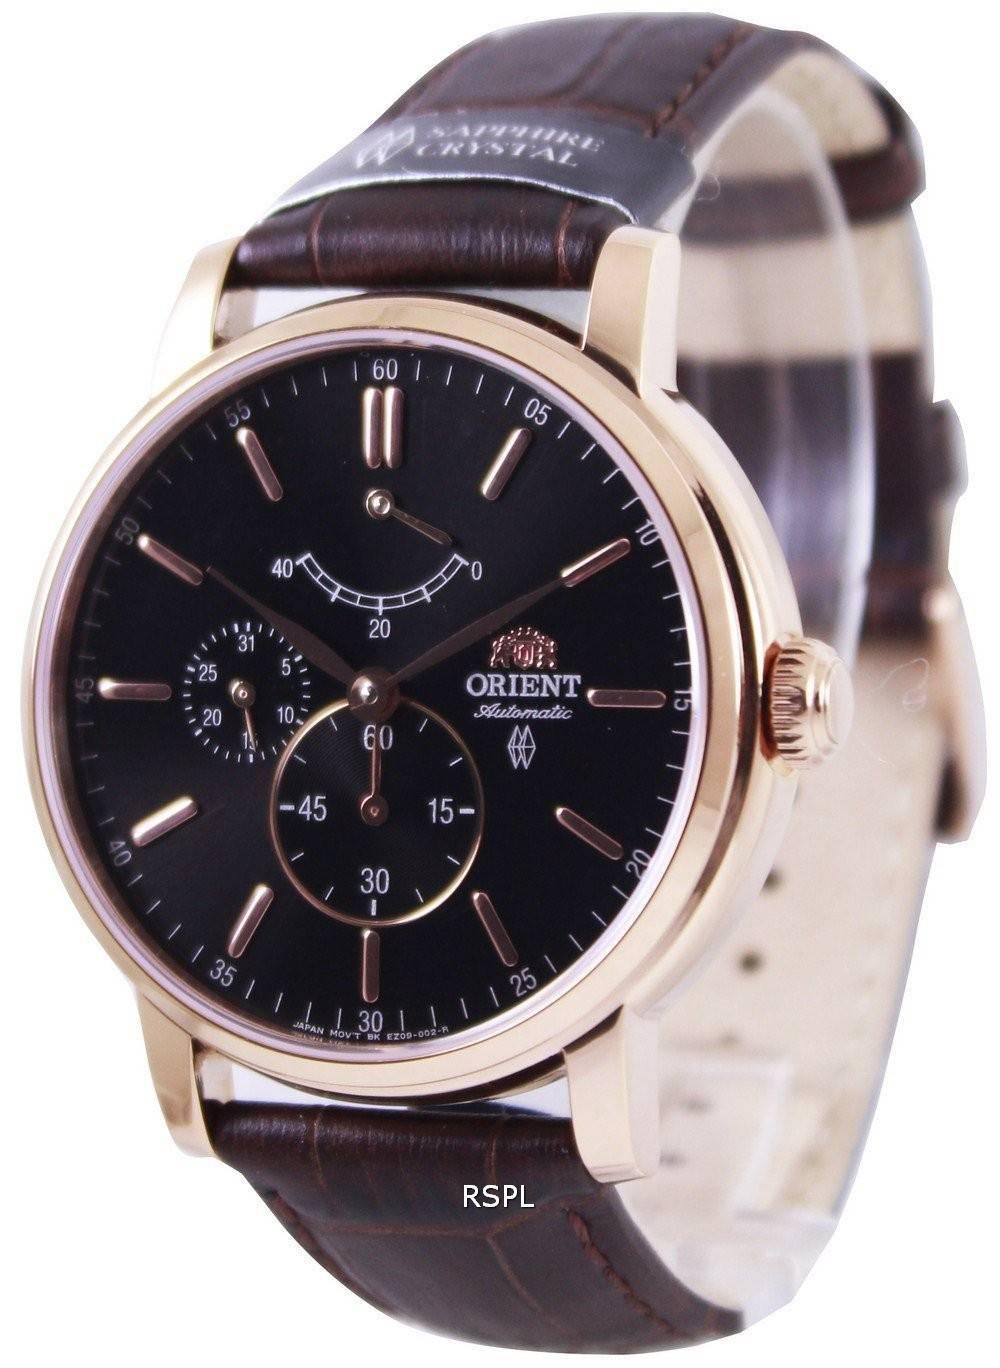 Orient ev0m001w - купить выгодно по лучшей цене domaevroru